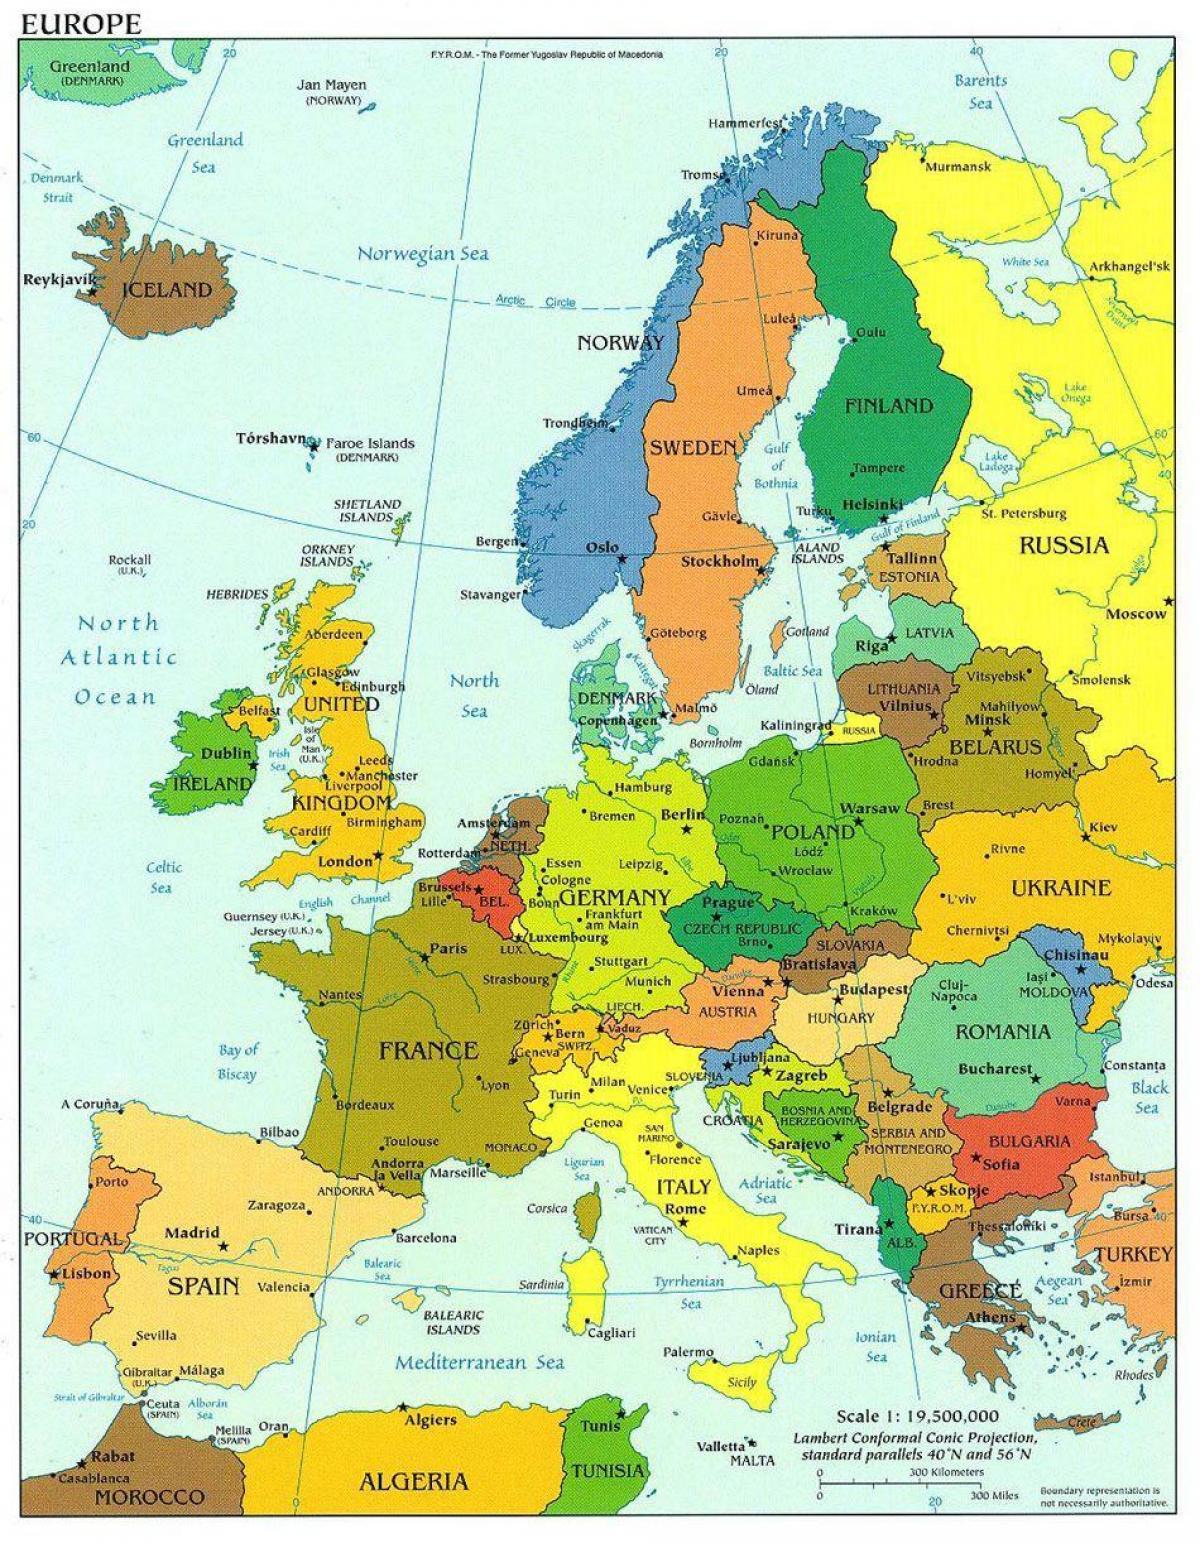 Danemarca Harta Europei Harta Europei Arată Danemarca Europa De